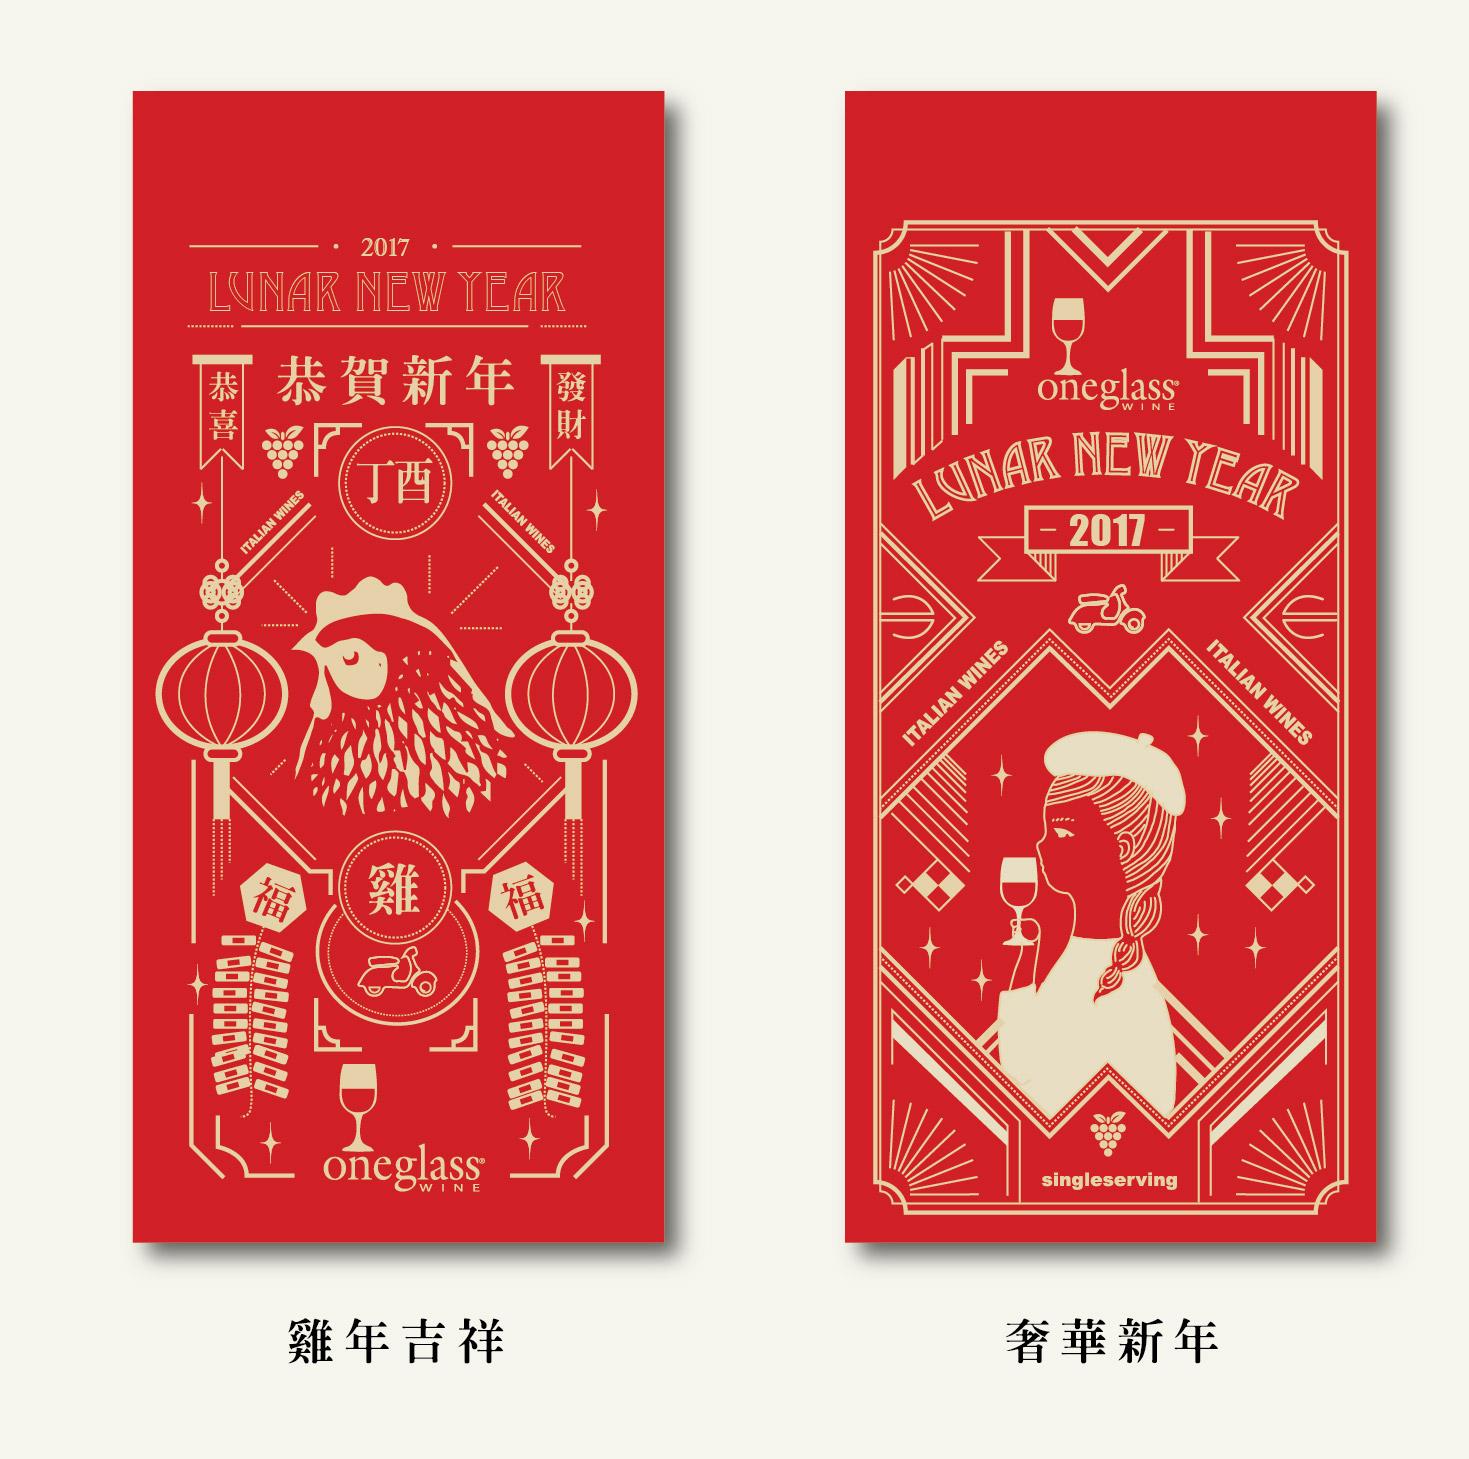 酒商紅包袋設計